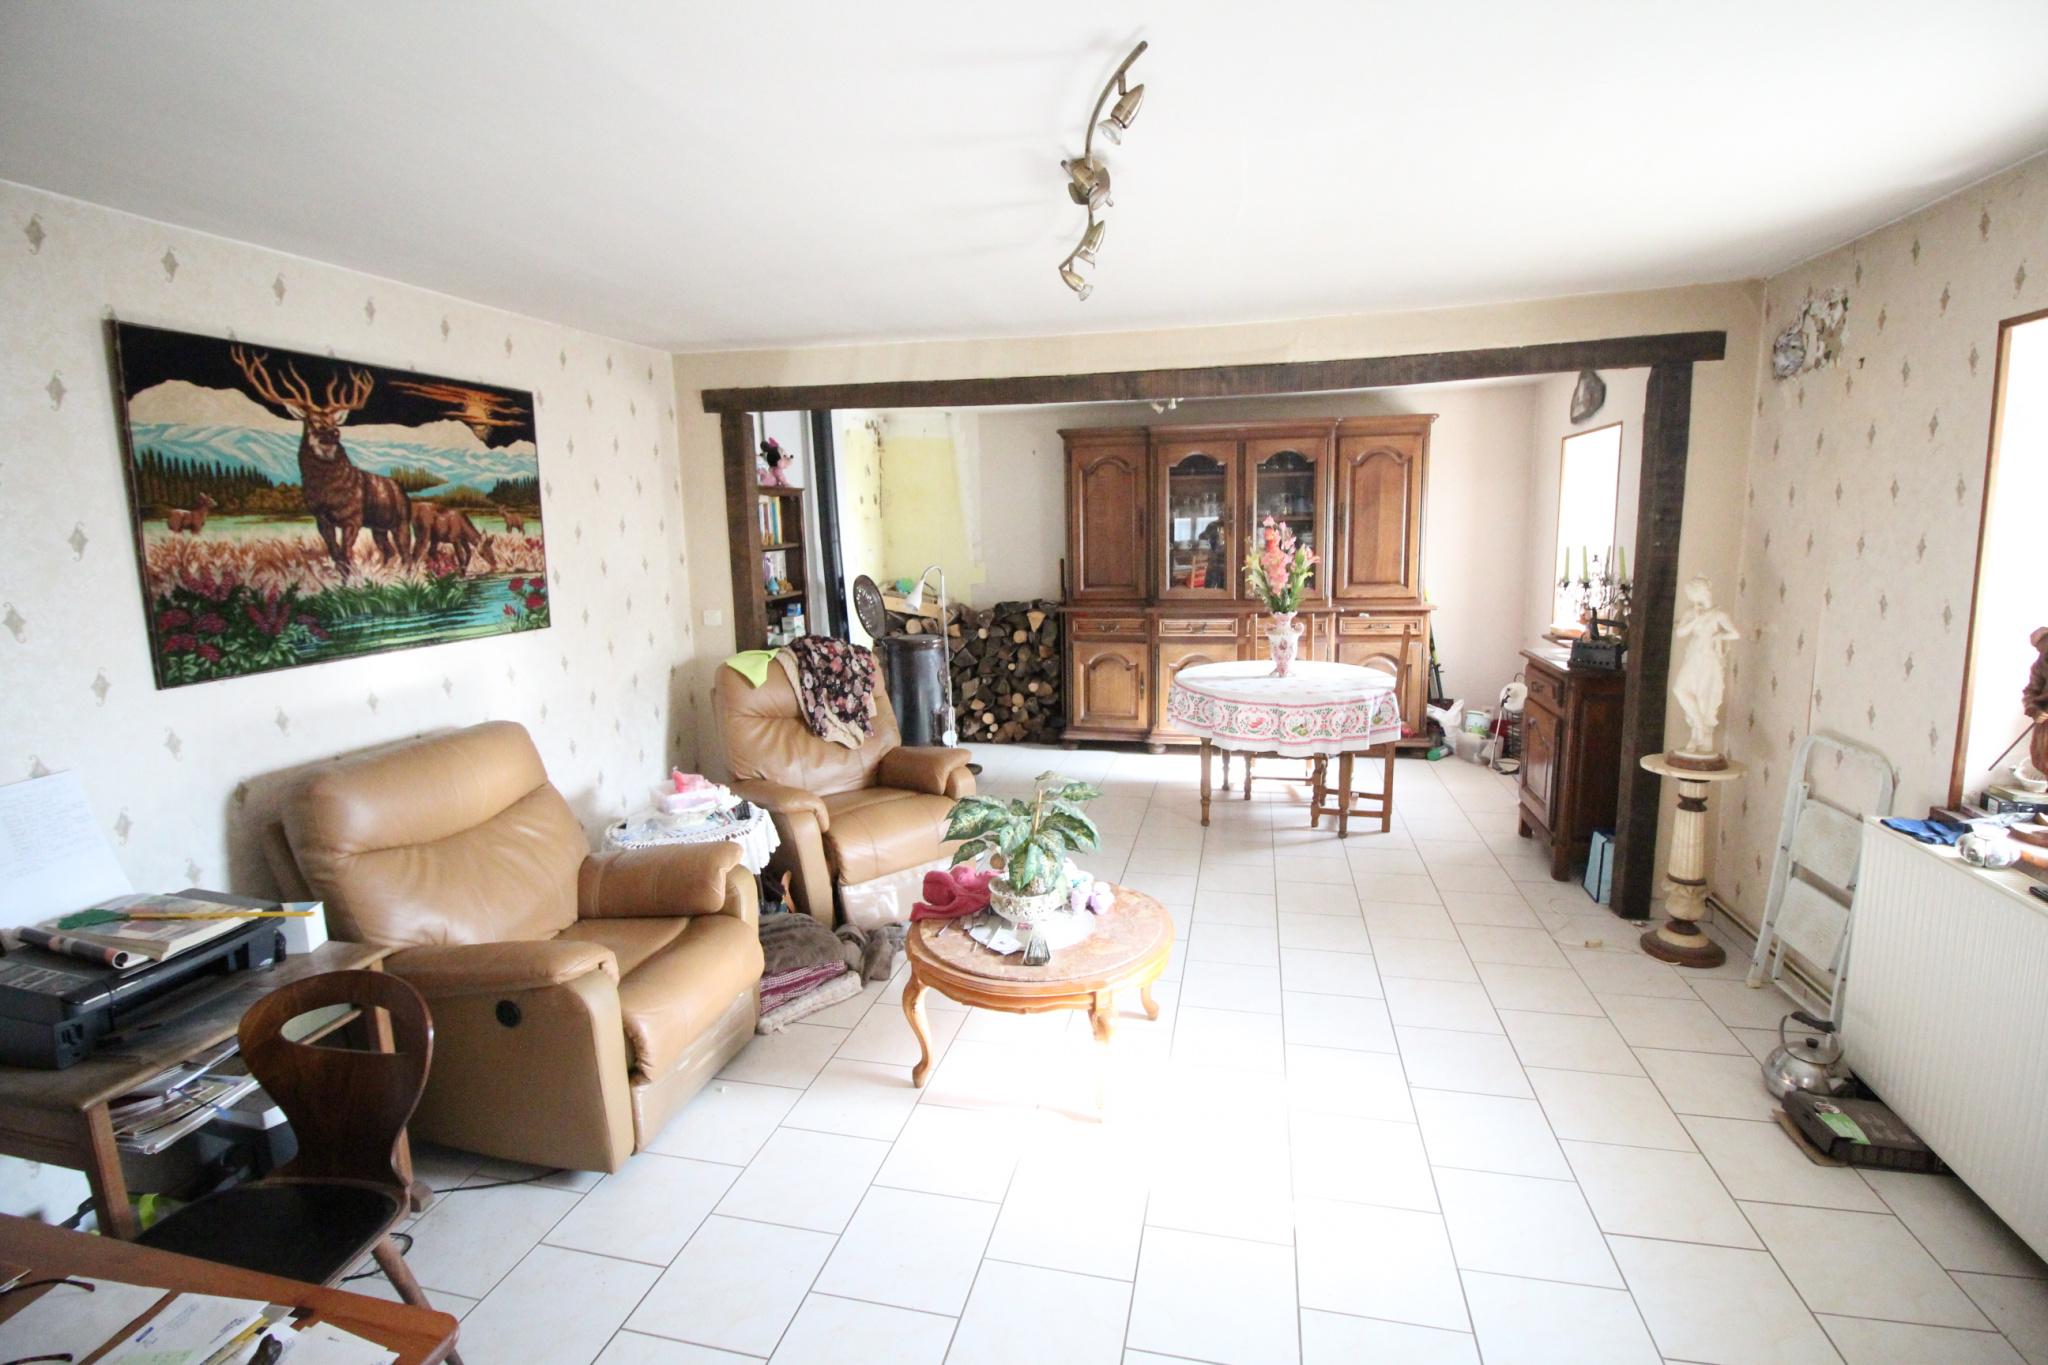 Vente maison/villa drambon